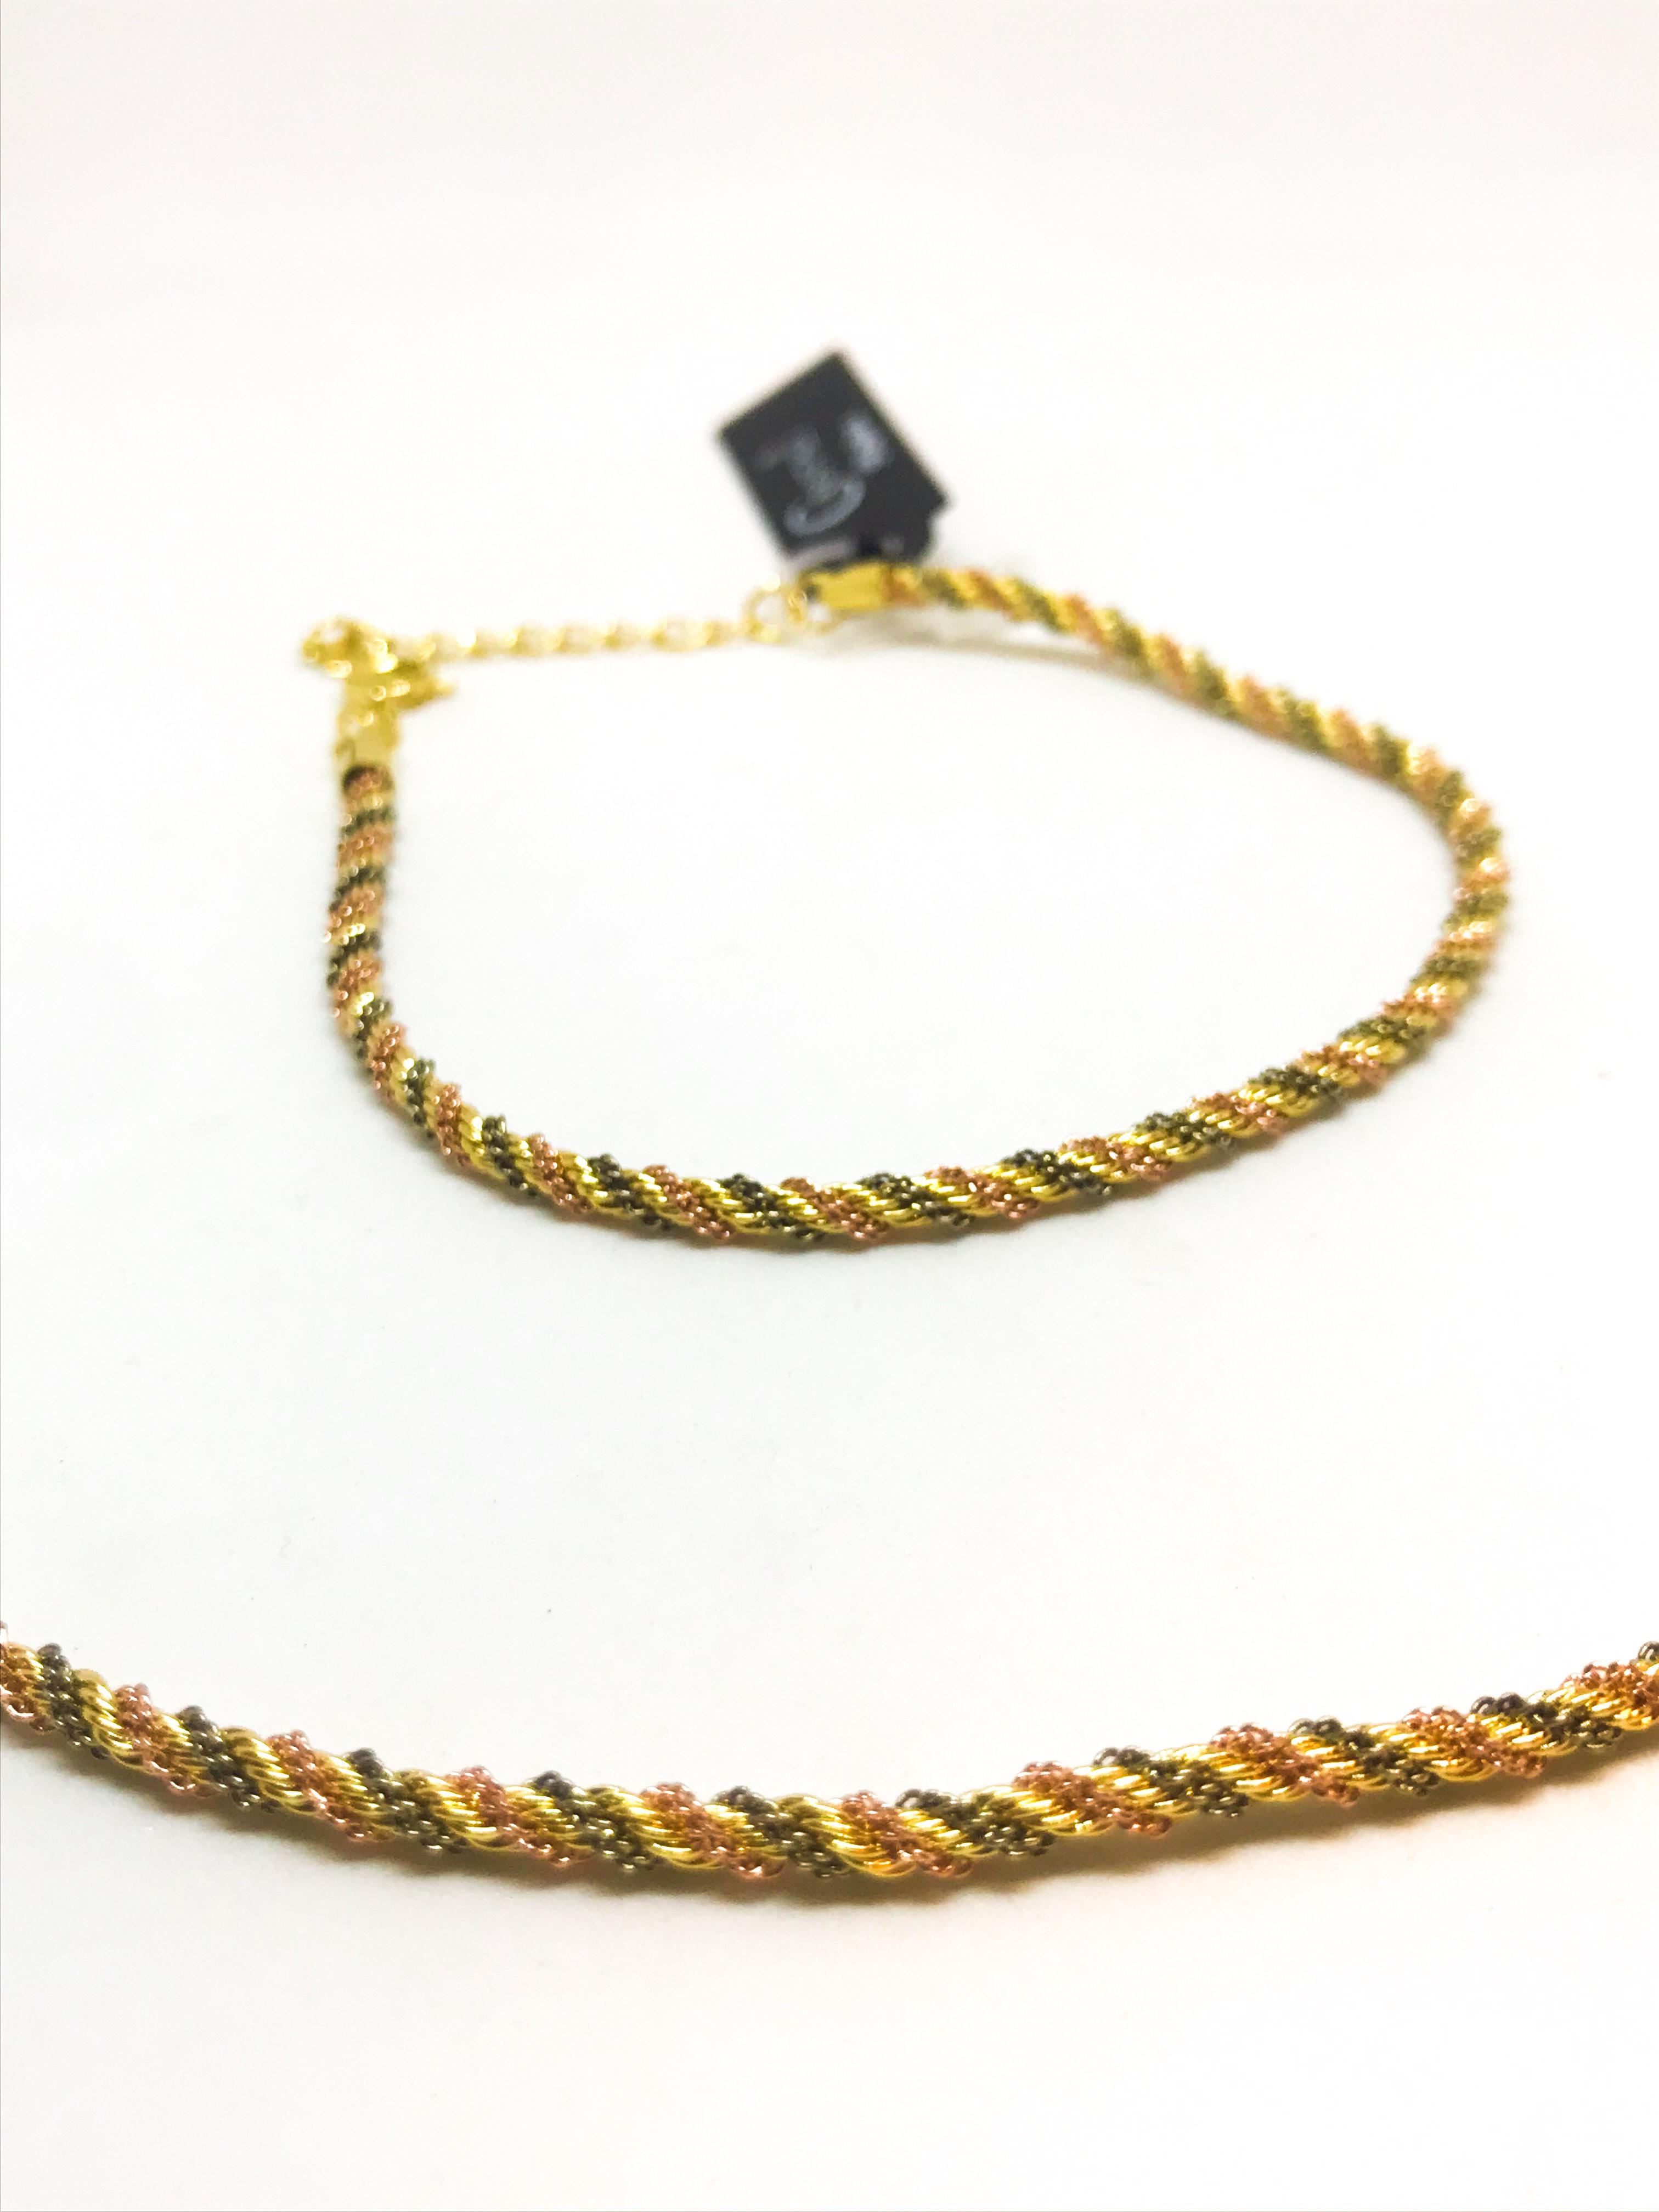 Instagram - Pulseira torcida 3 cores em Ouro Amarelo